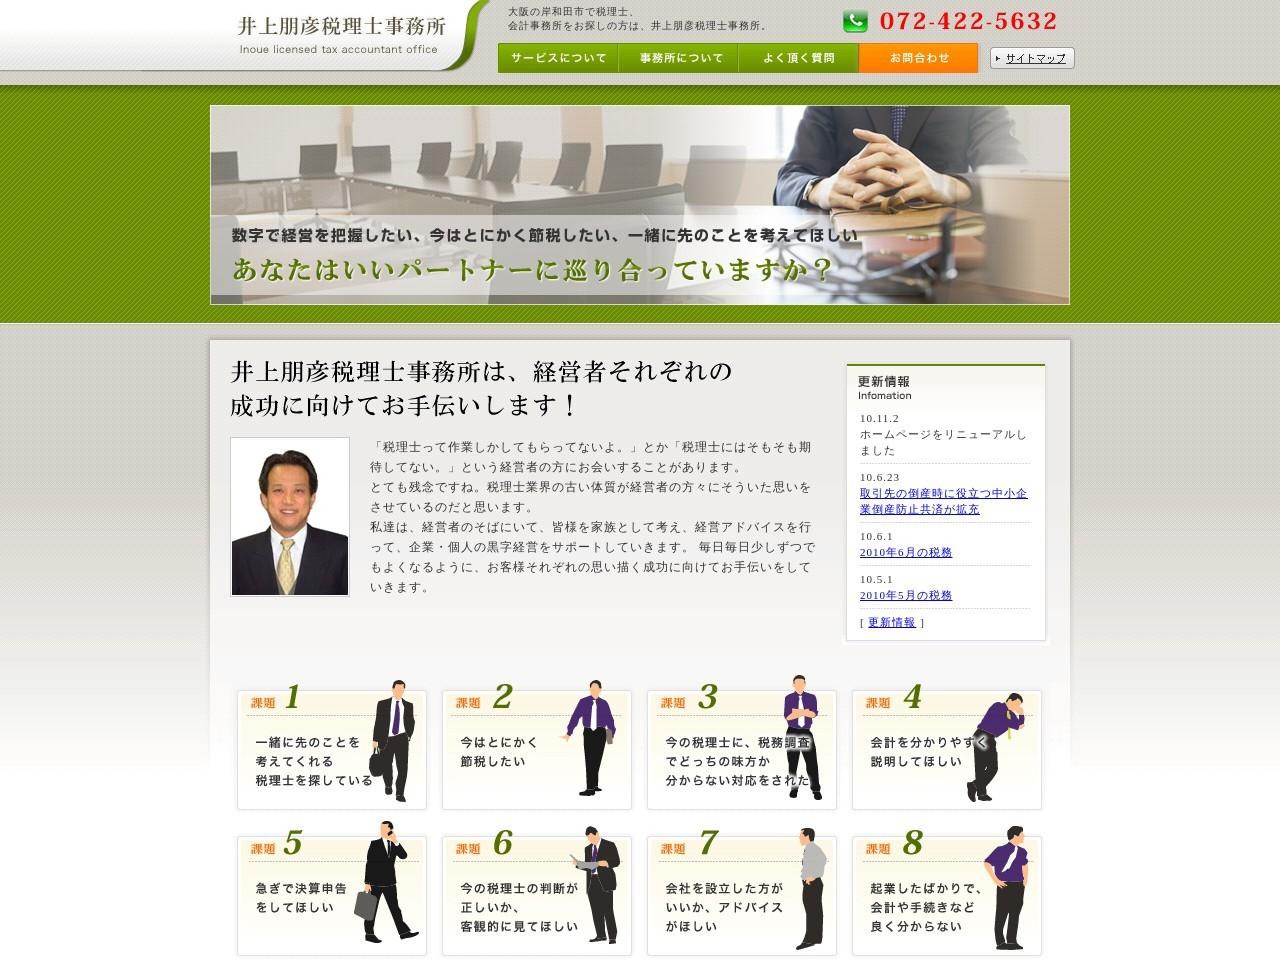 井上朋彦税務会計事務所